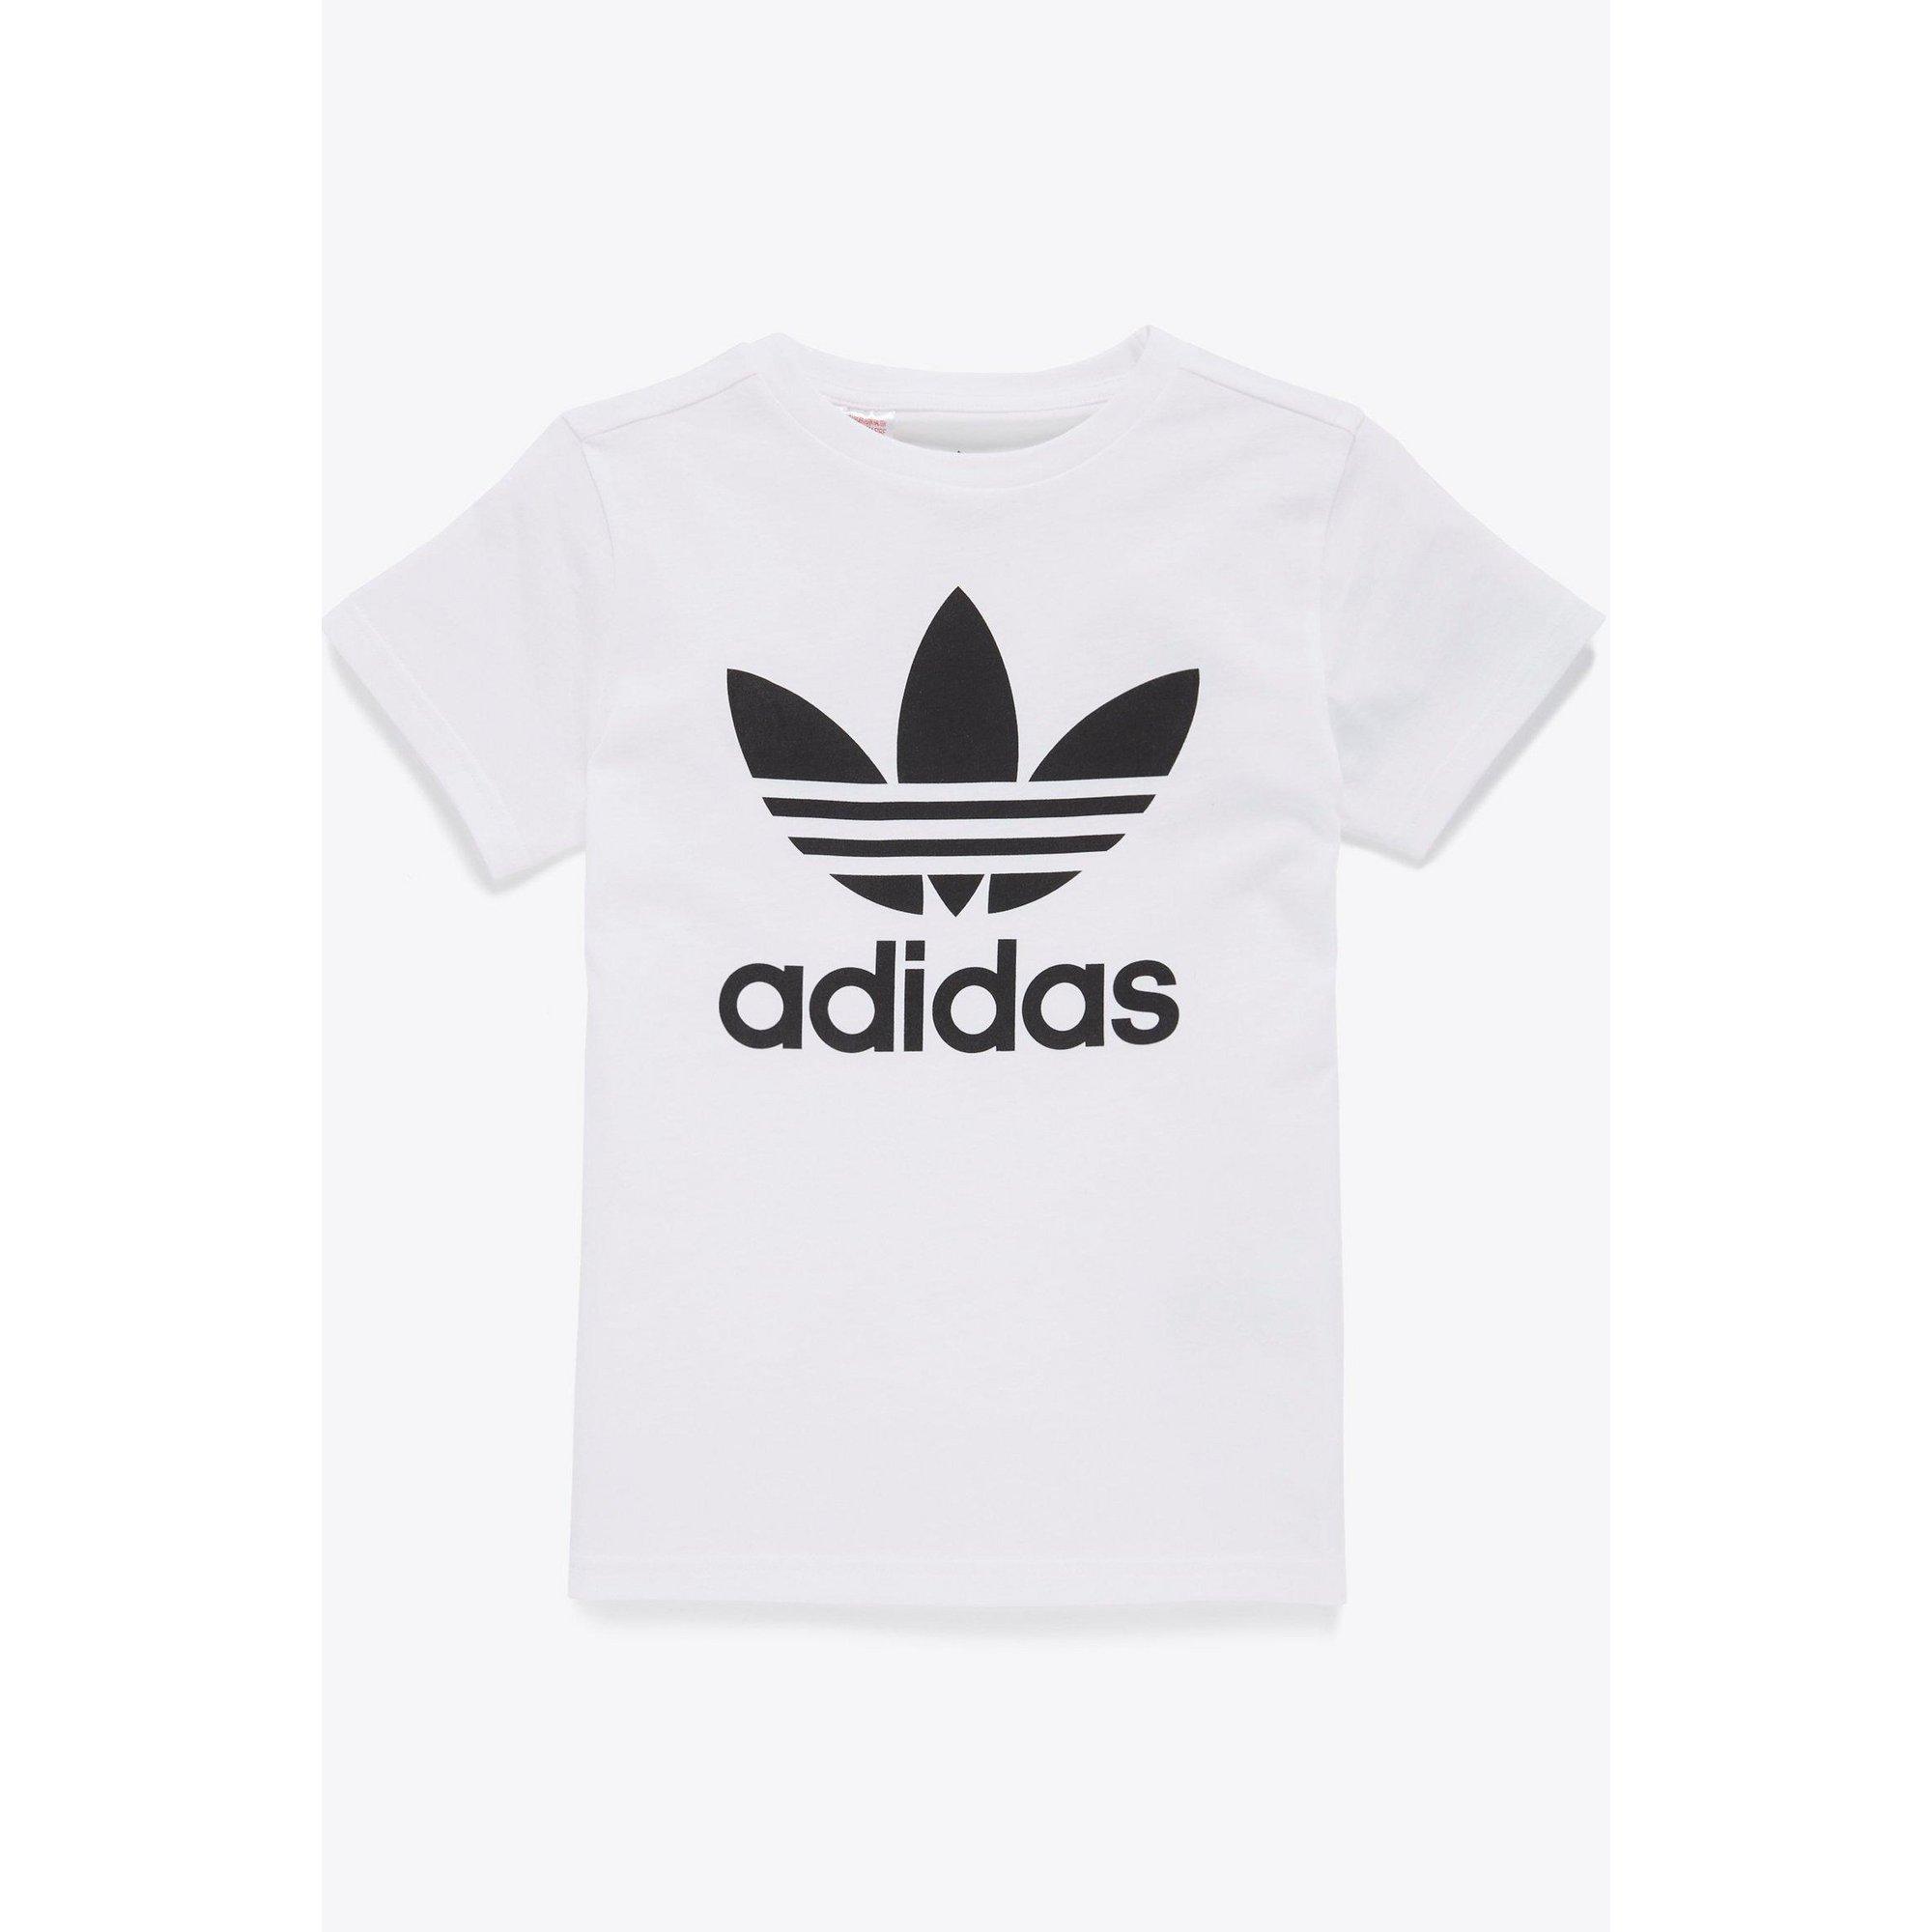 Image of Boys adidas Originals Logo T-Shirt